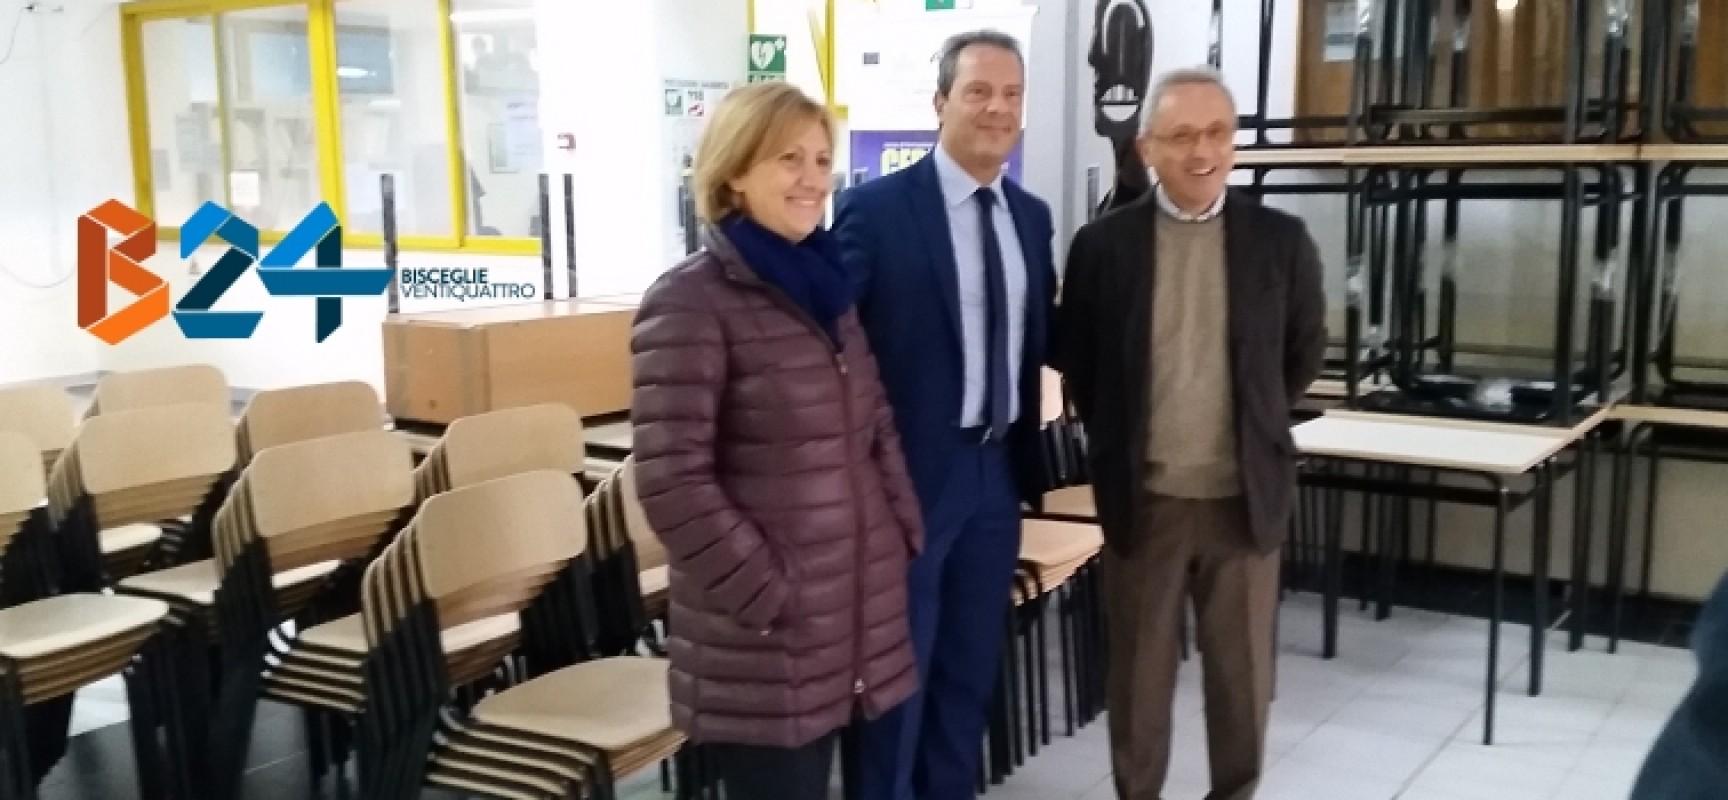 Provincia bat consegnati gli arredi scolastici alle for Arredi scolastici